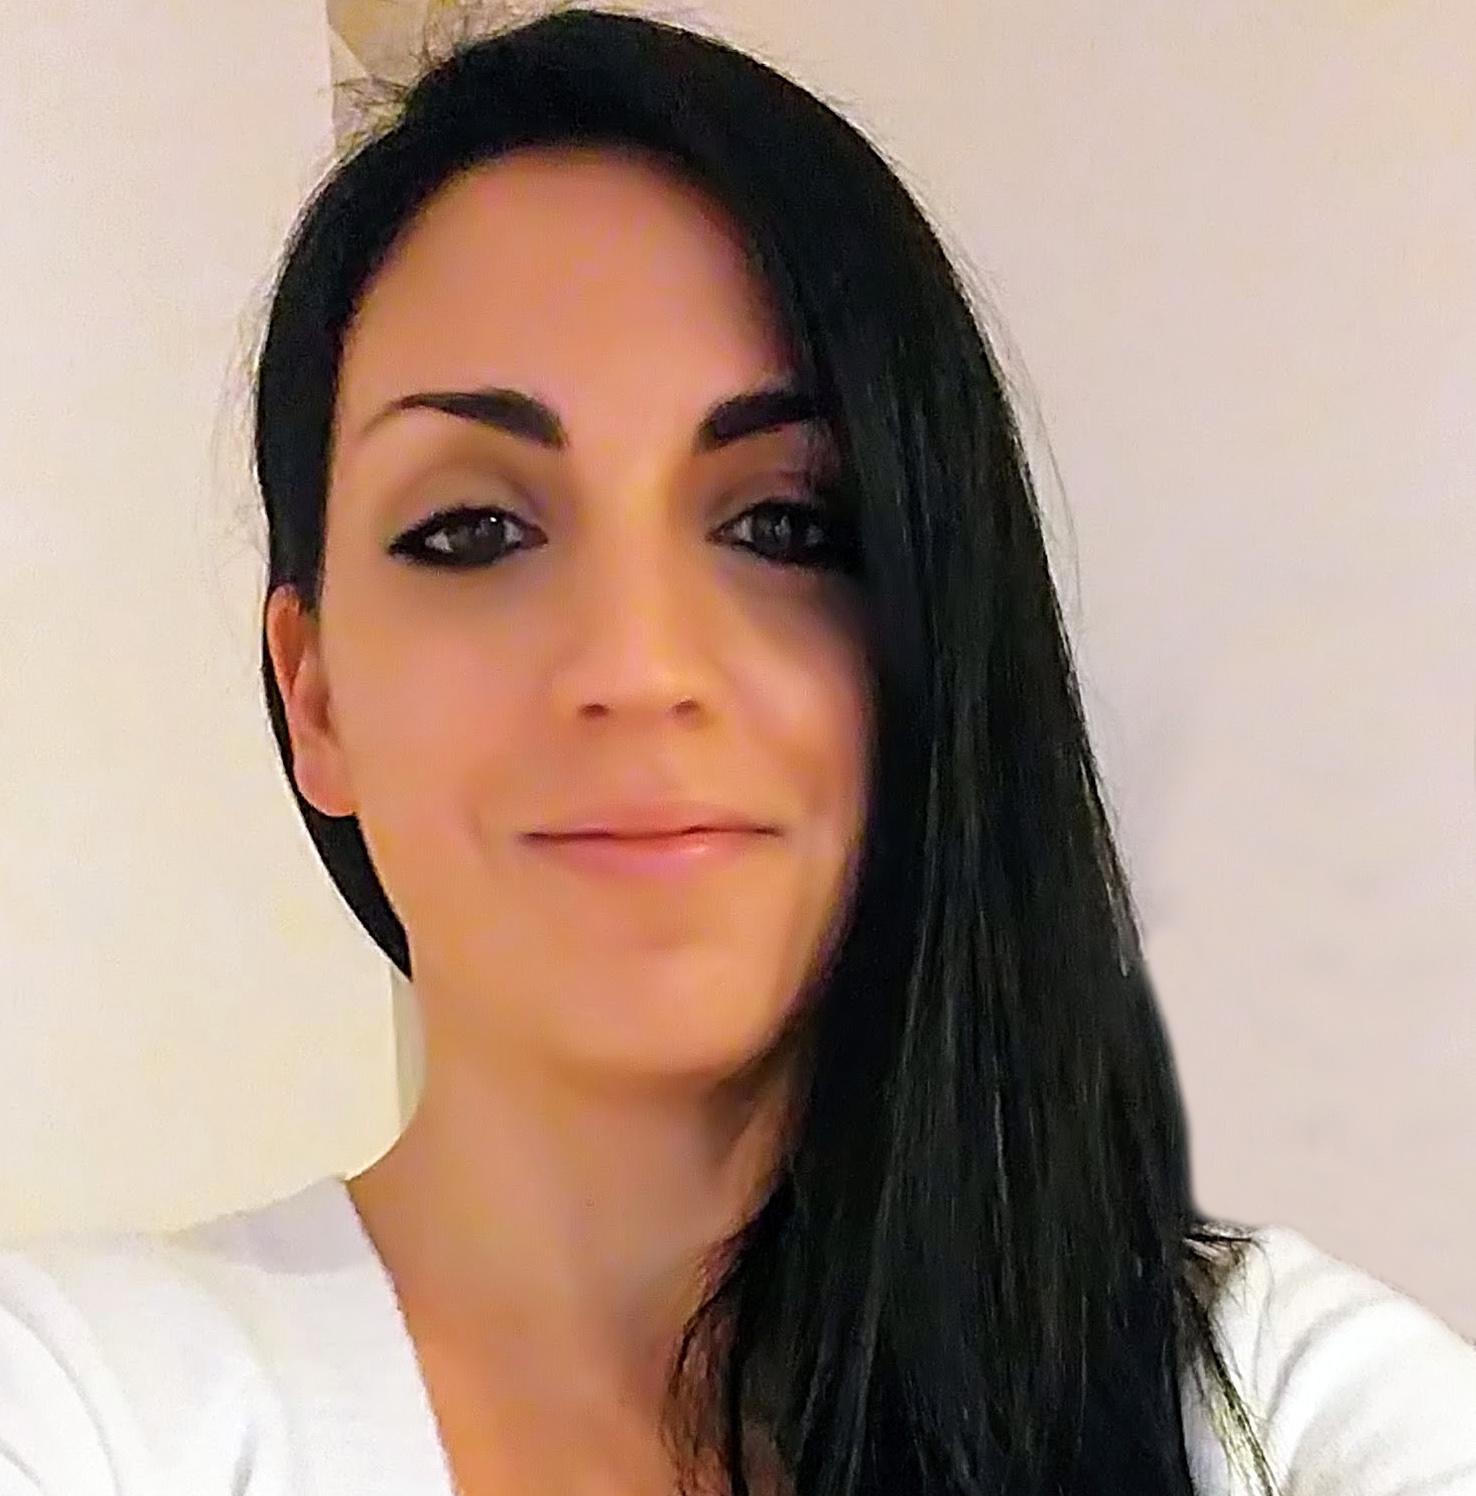 Viviana Carcione